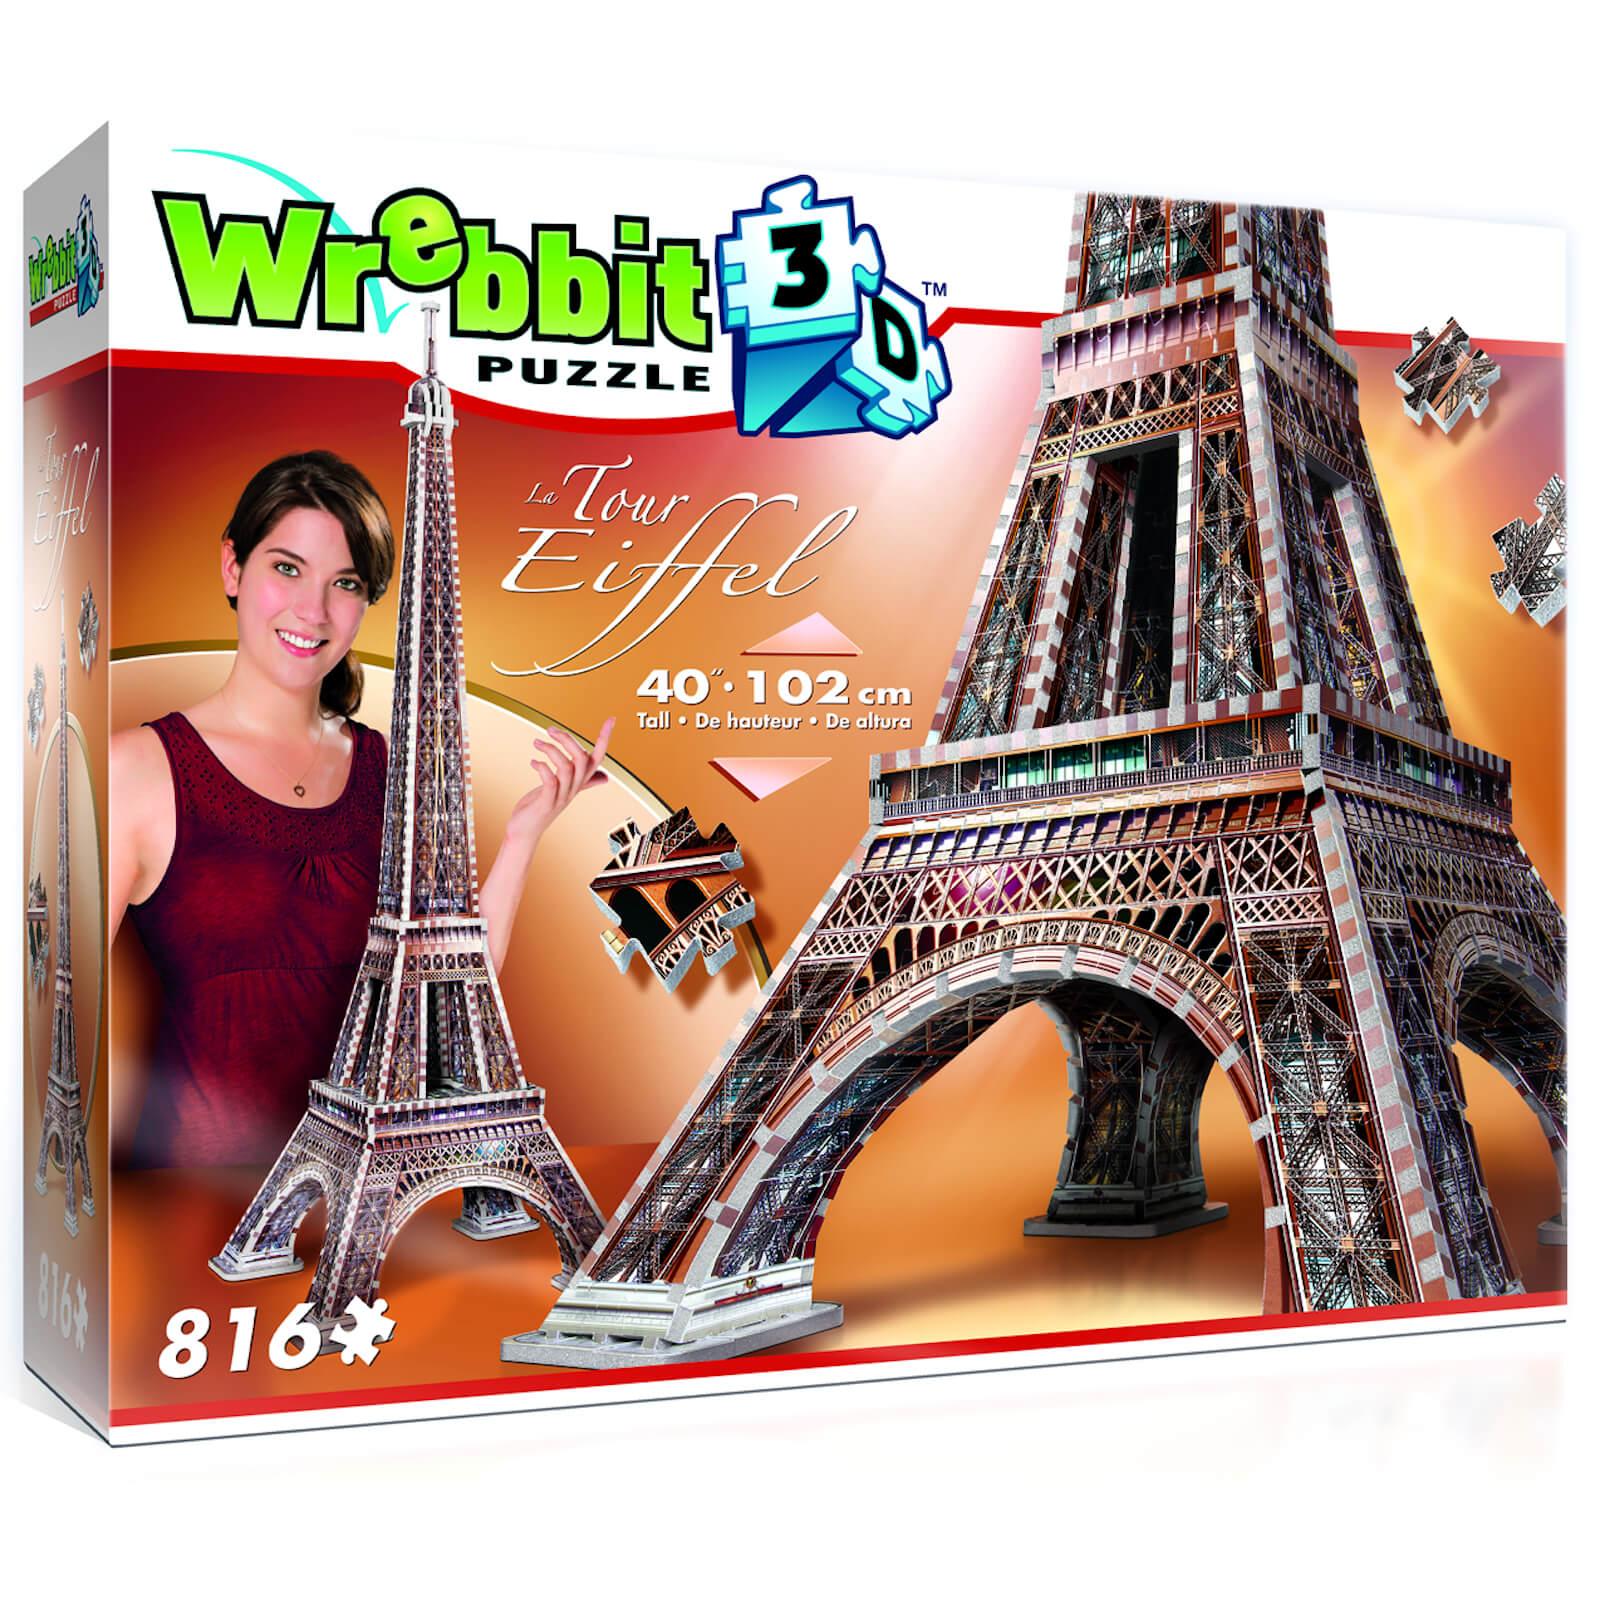 Image of Wrebbit Eiffel Tower 3D Puzzle (816 Pieces)